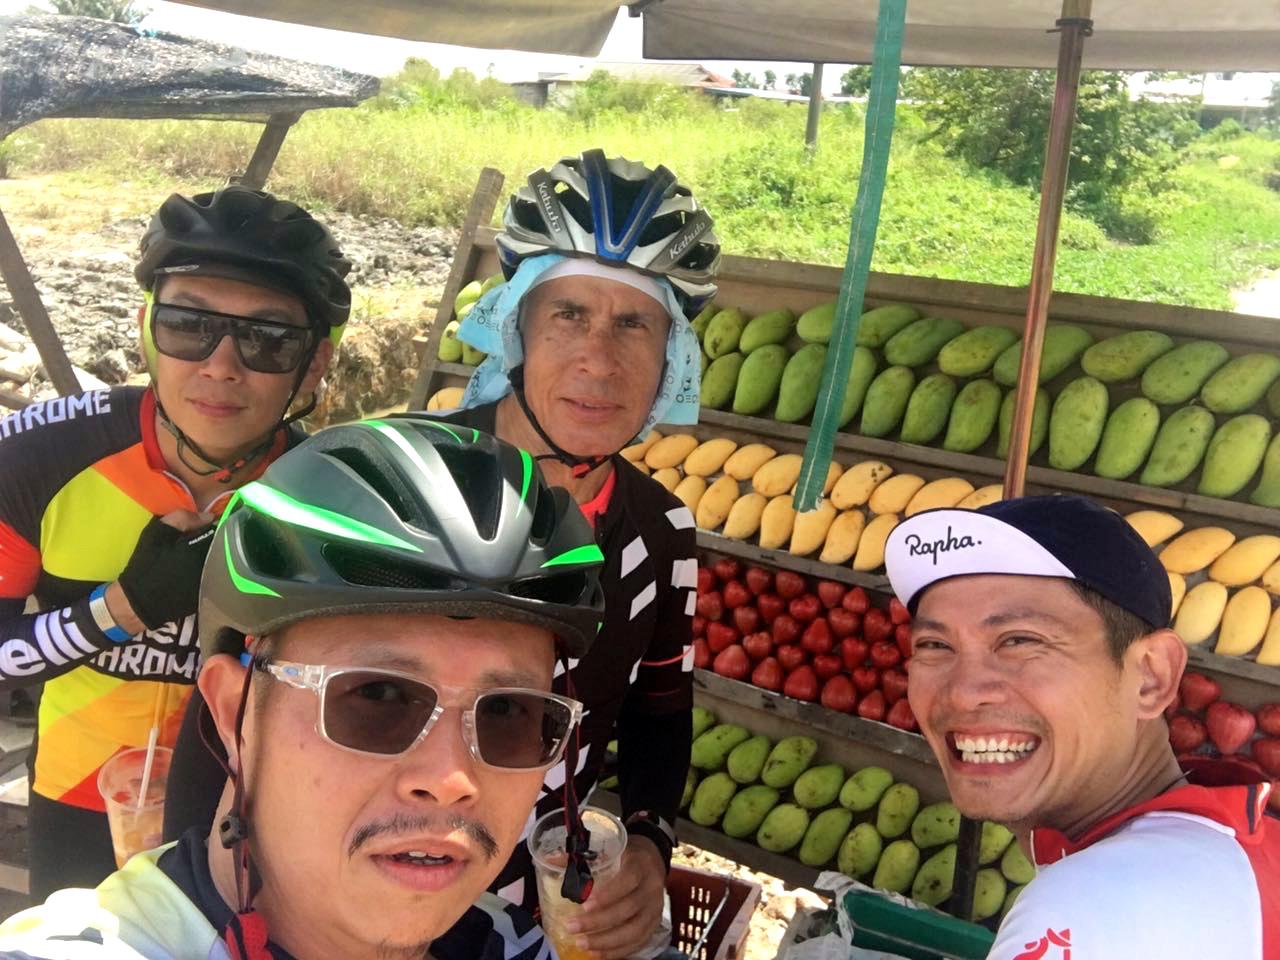 rotary-kl-to-teluk-intan-mango-juice-johny-sui